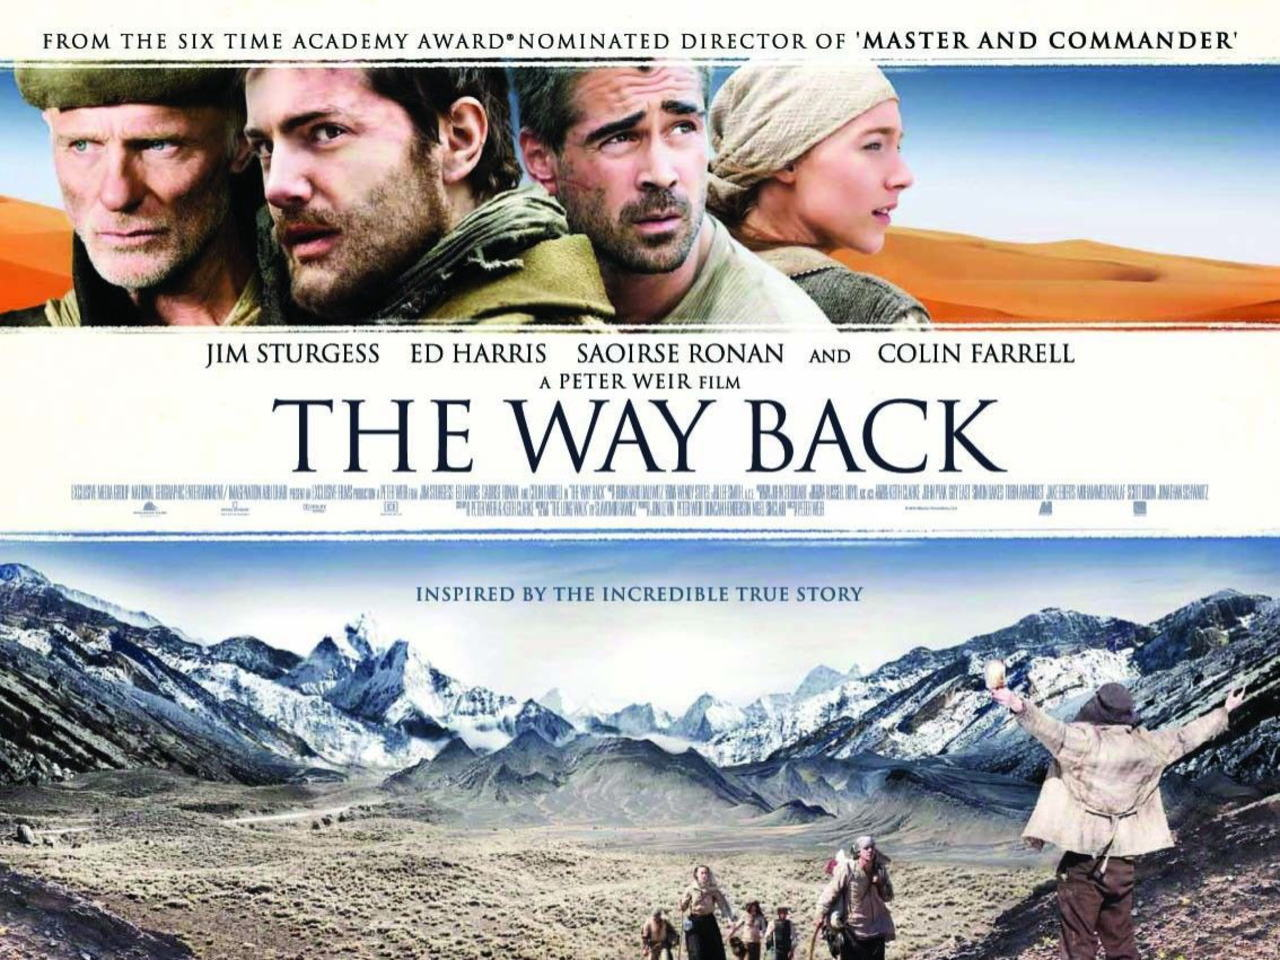 映画『ウェイバック-脱出6500km- THE WAY BACK』ポスター(5) ▼ポスター画像クリックで拡大します。